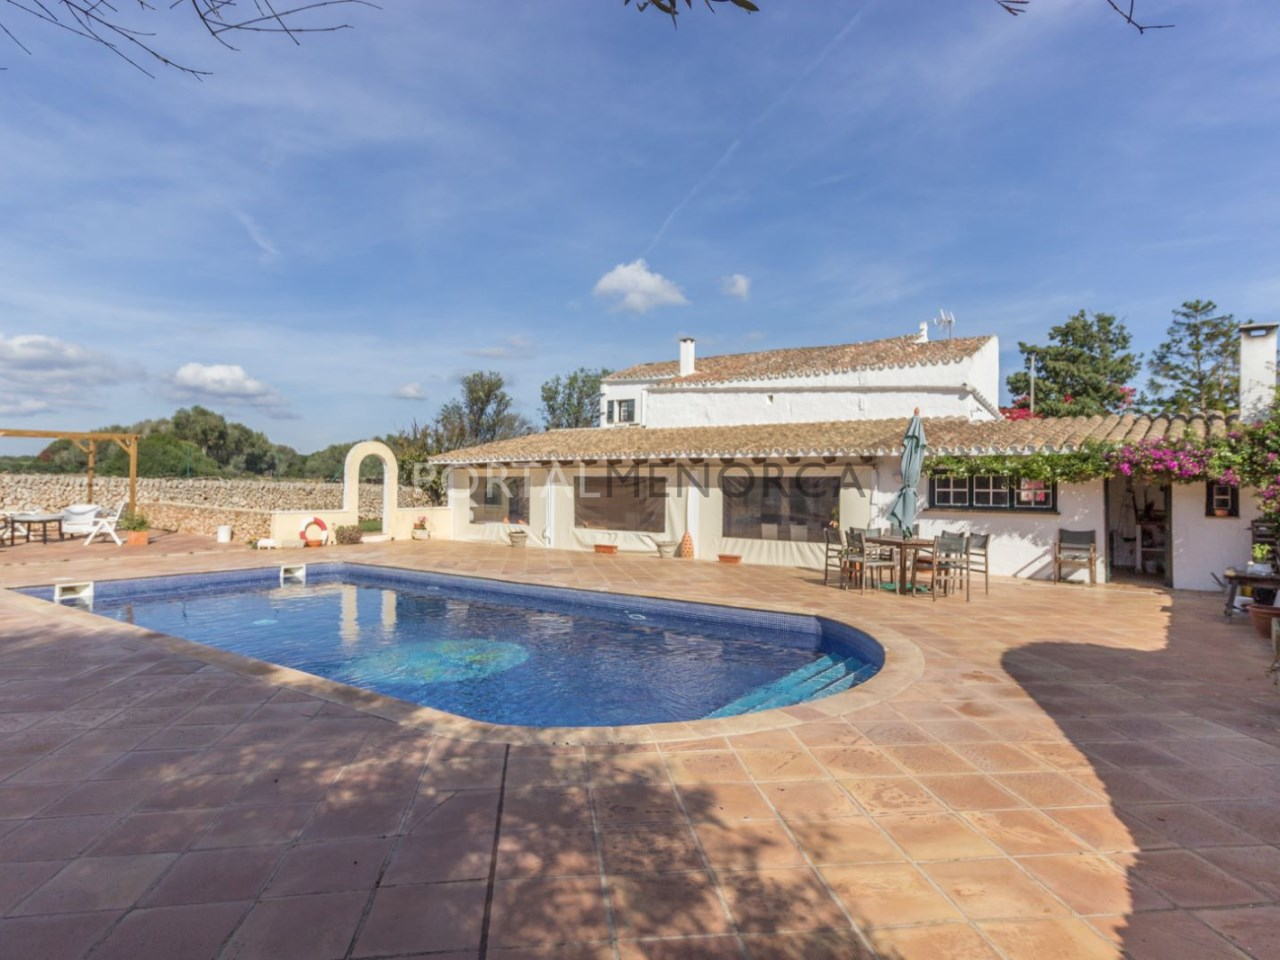 Casa de campo con piscina en venta en Mahon (20 de 24)